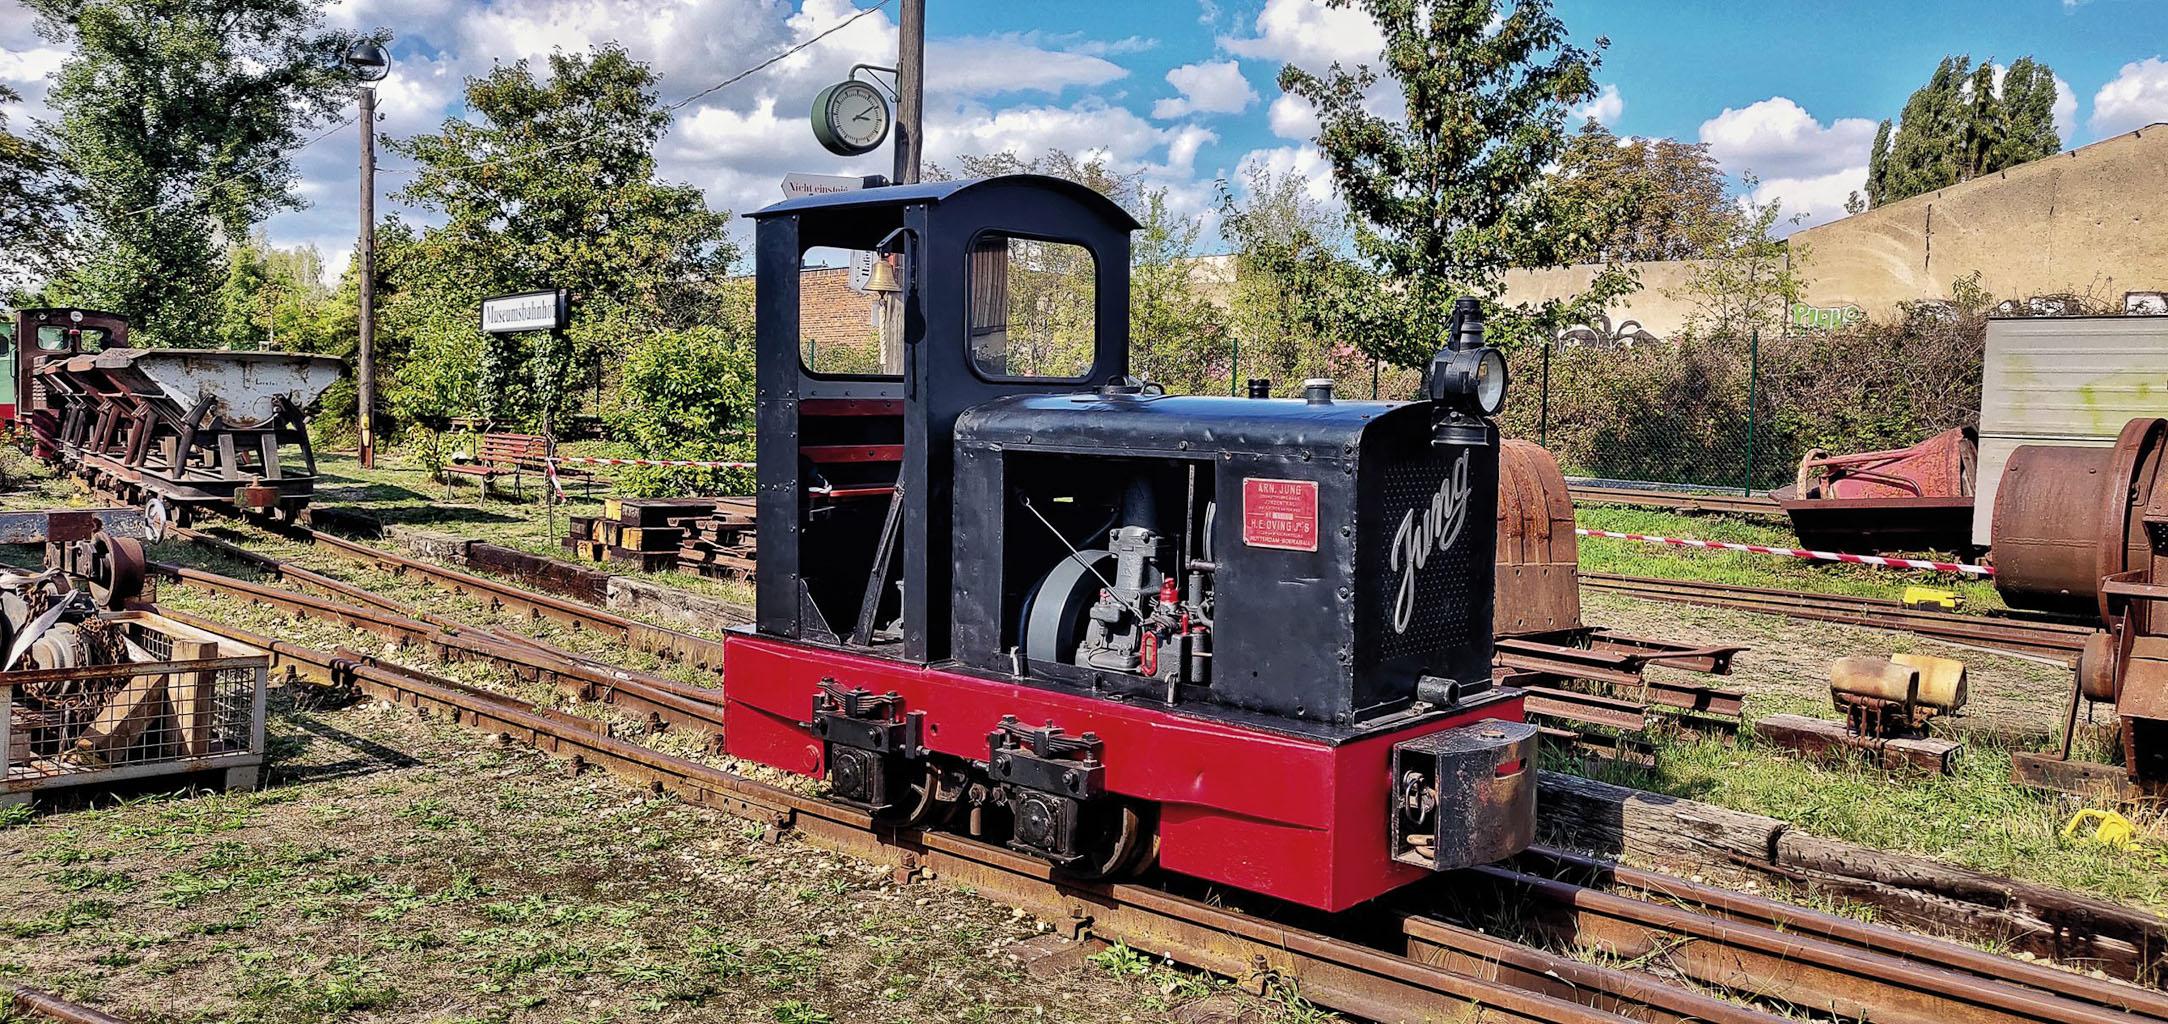 ©Foto: Christian Wörpel   railmen   Ingenieurskunst auf höchstem Niveau – Der Museumsfeldbahn Leipzig-Lindenau e.V. kümmert sich um das Erbe von Karl Heine